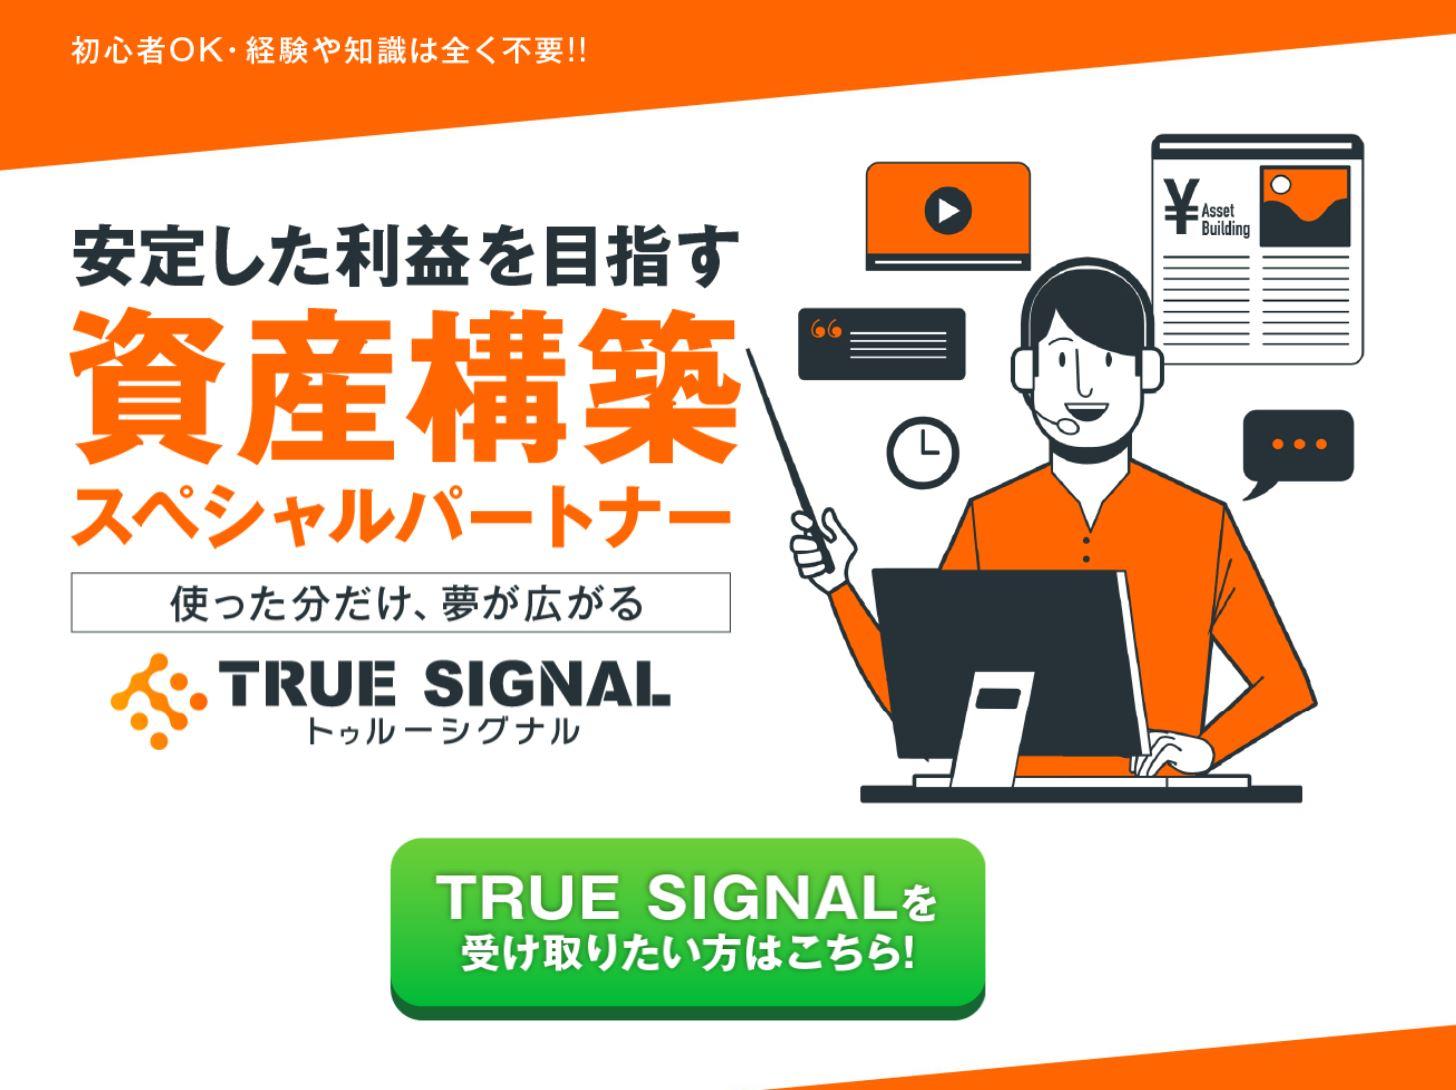 【注意】TRUE SIGNAL(トゥルーシグナル)は稼げない?副業調査